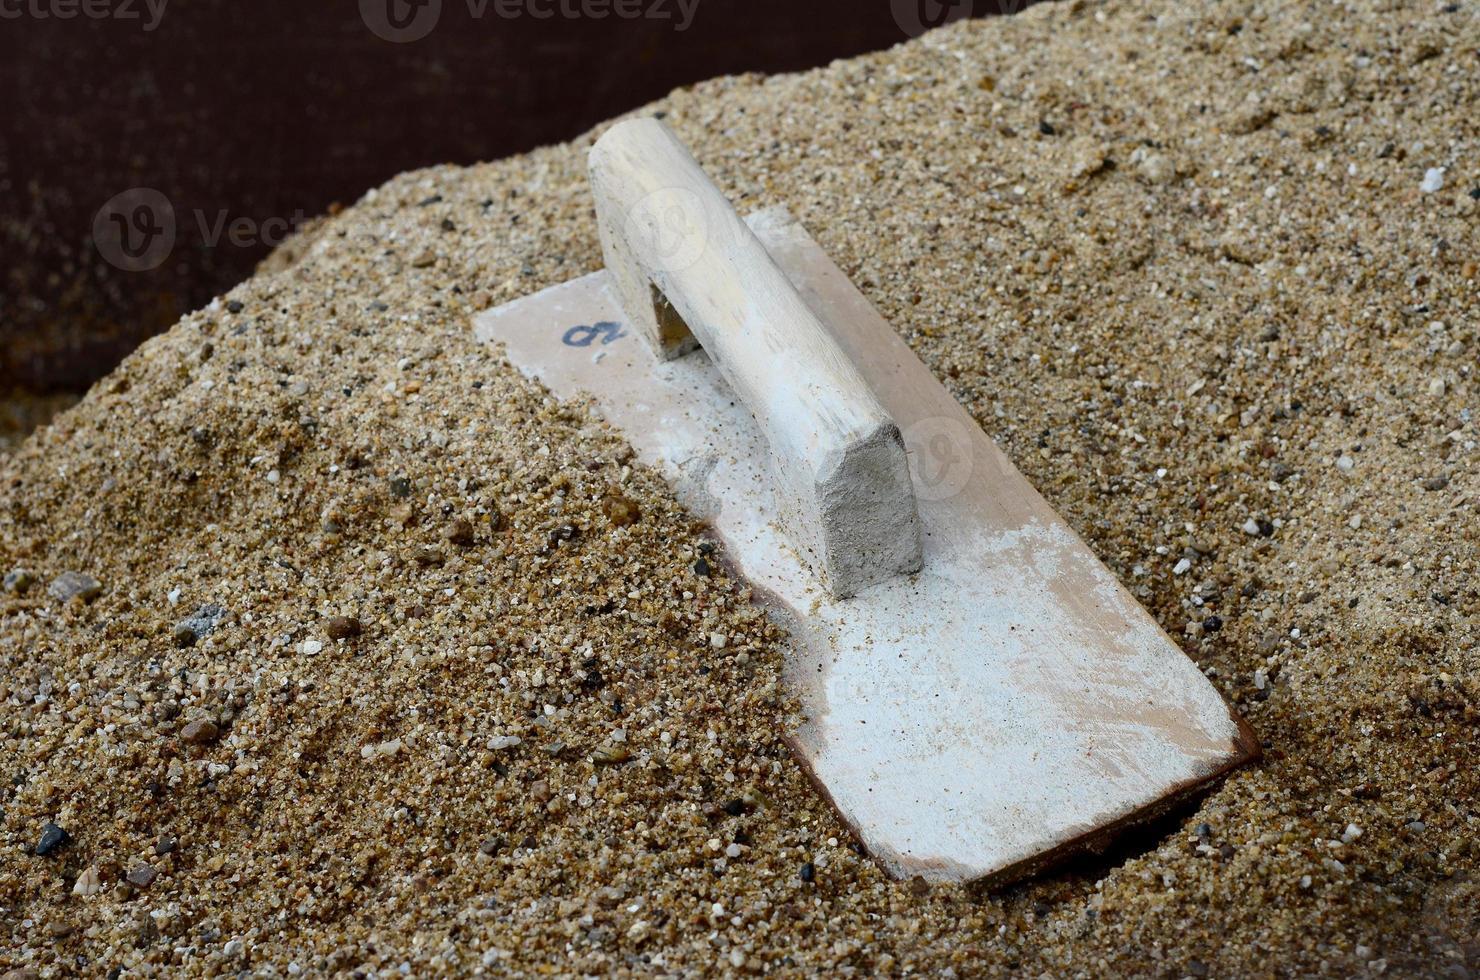 Plaster wood on sand photo